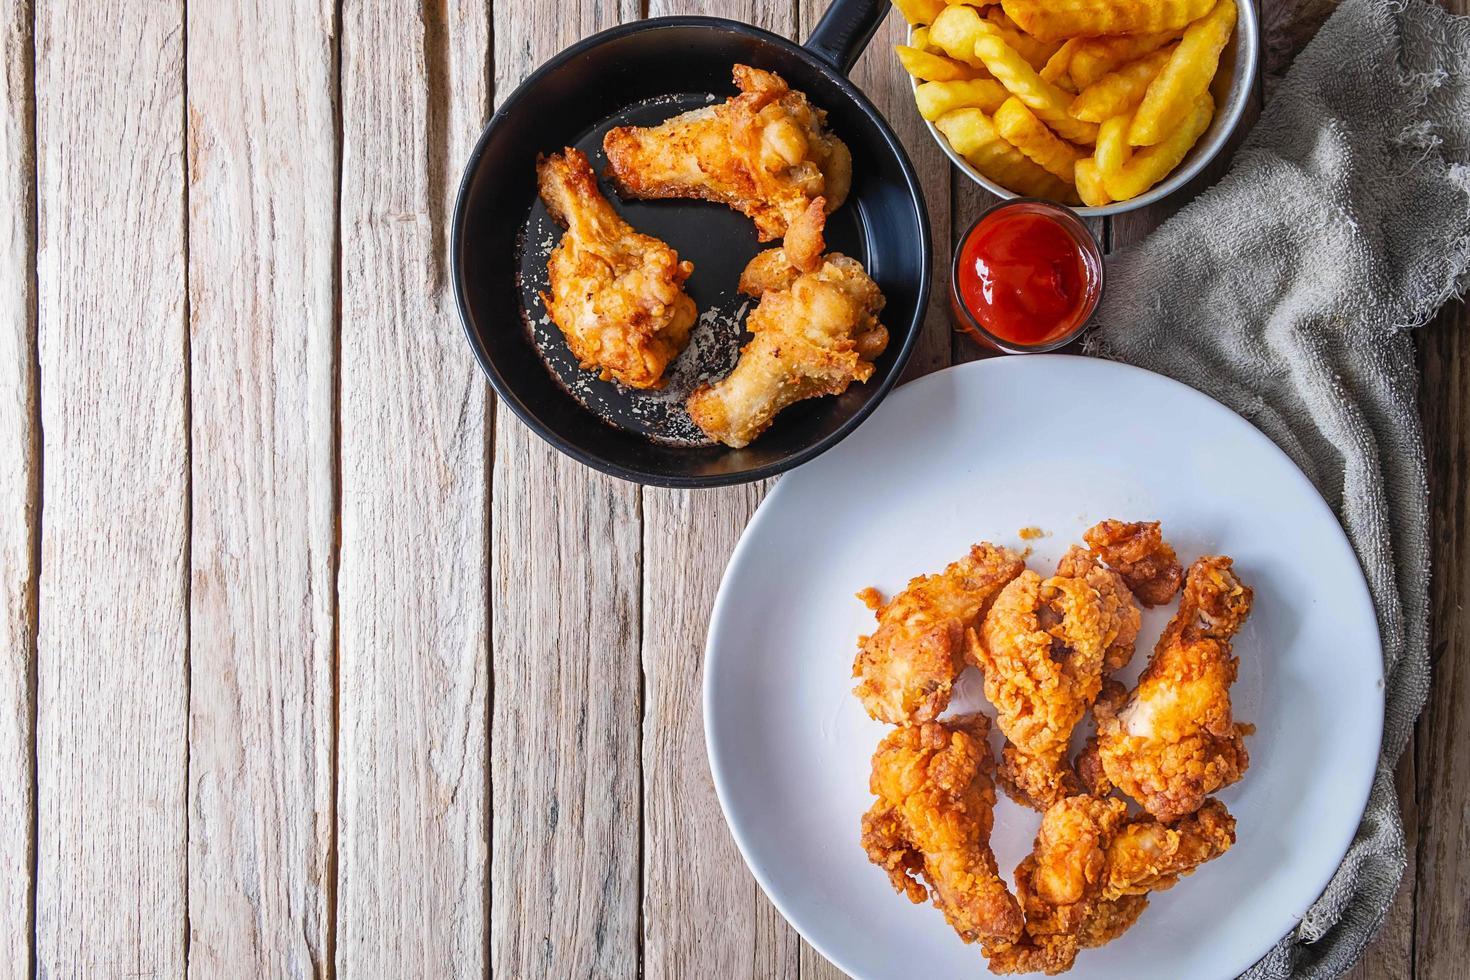 gebakken kip op een houten tafel foto